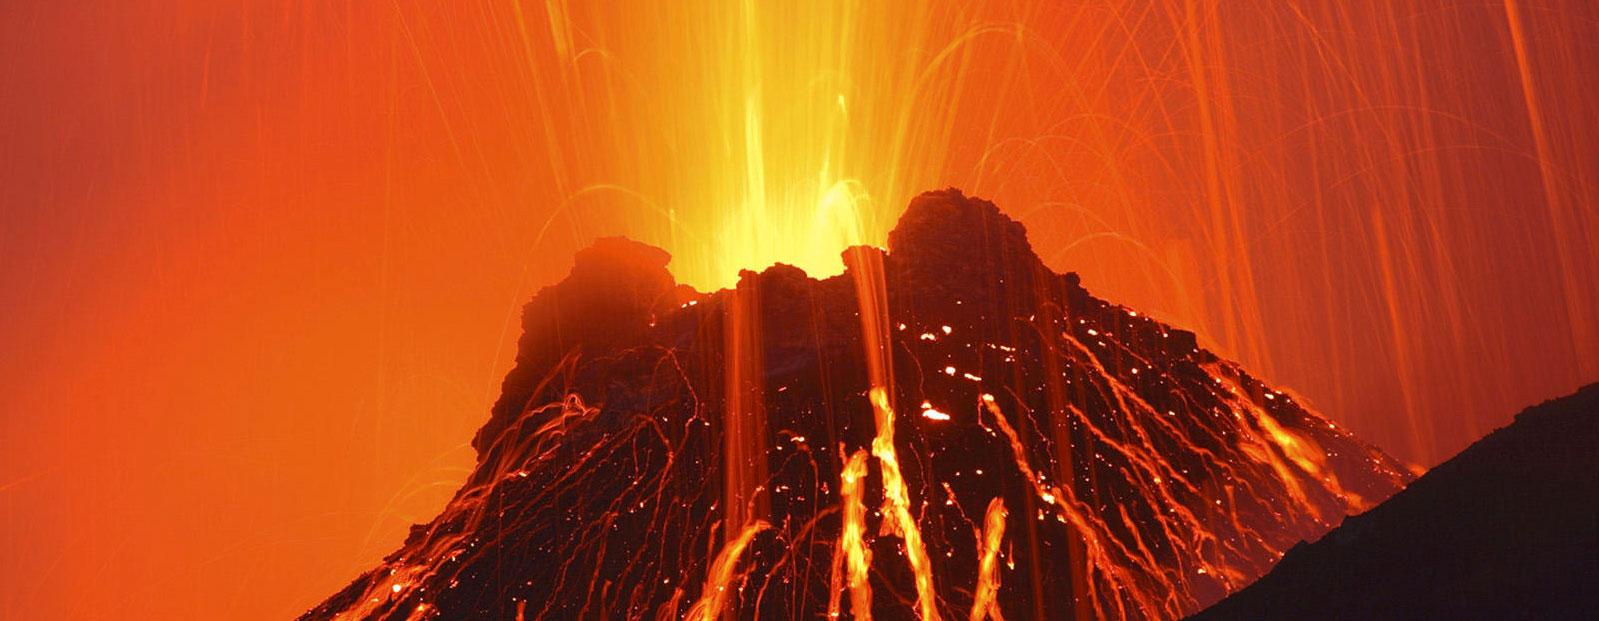 Stromboli-Volcano-Italy_2